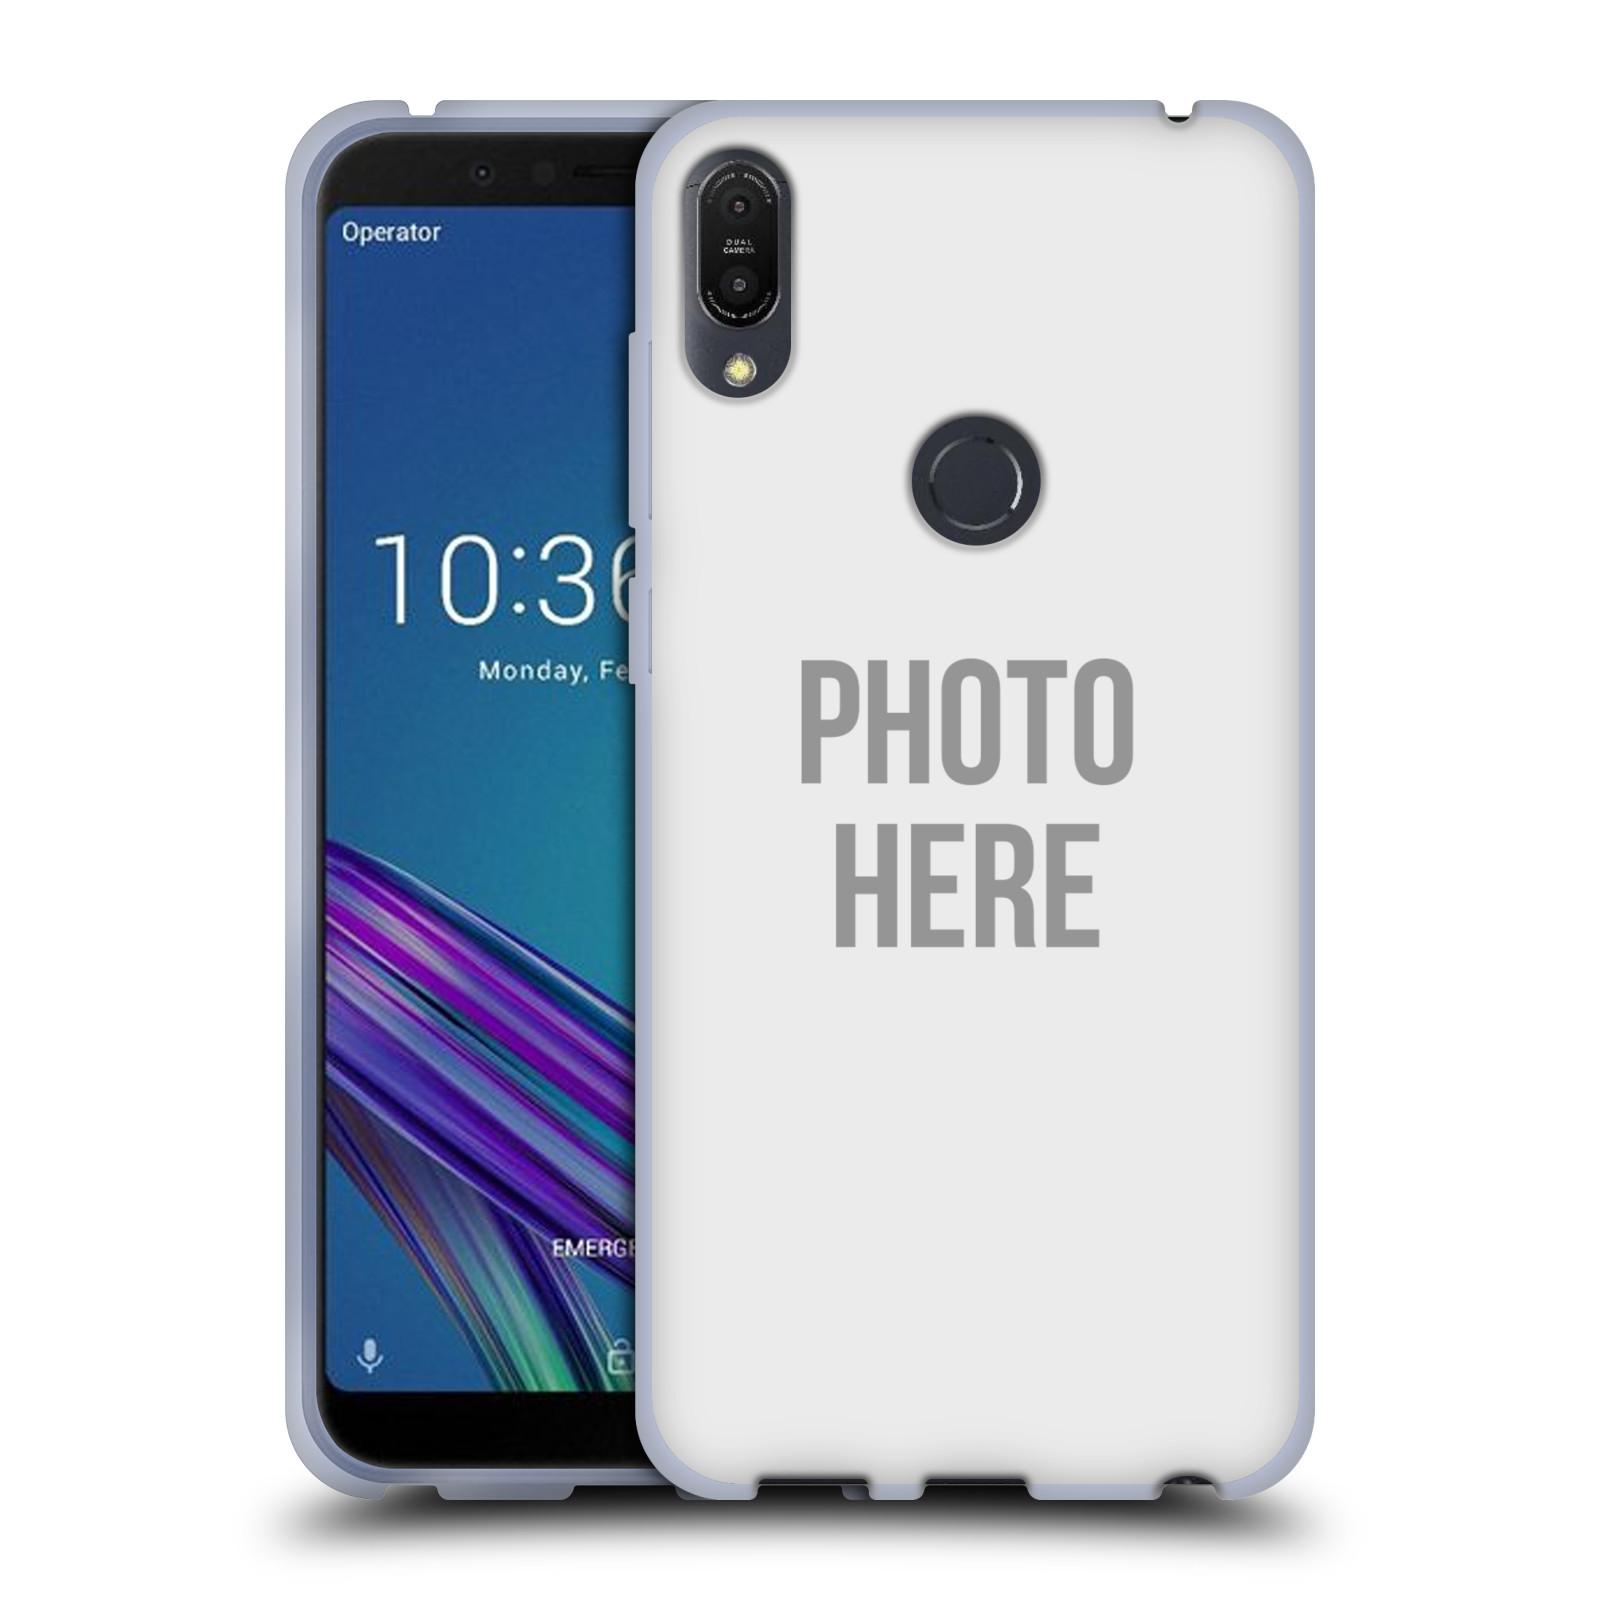 Silikonové pouzdro na mobil Asus ZenFone Max Pro (M1) - Head Case - s vlastním motivem